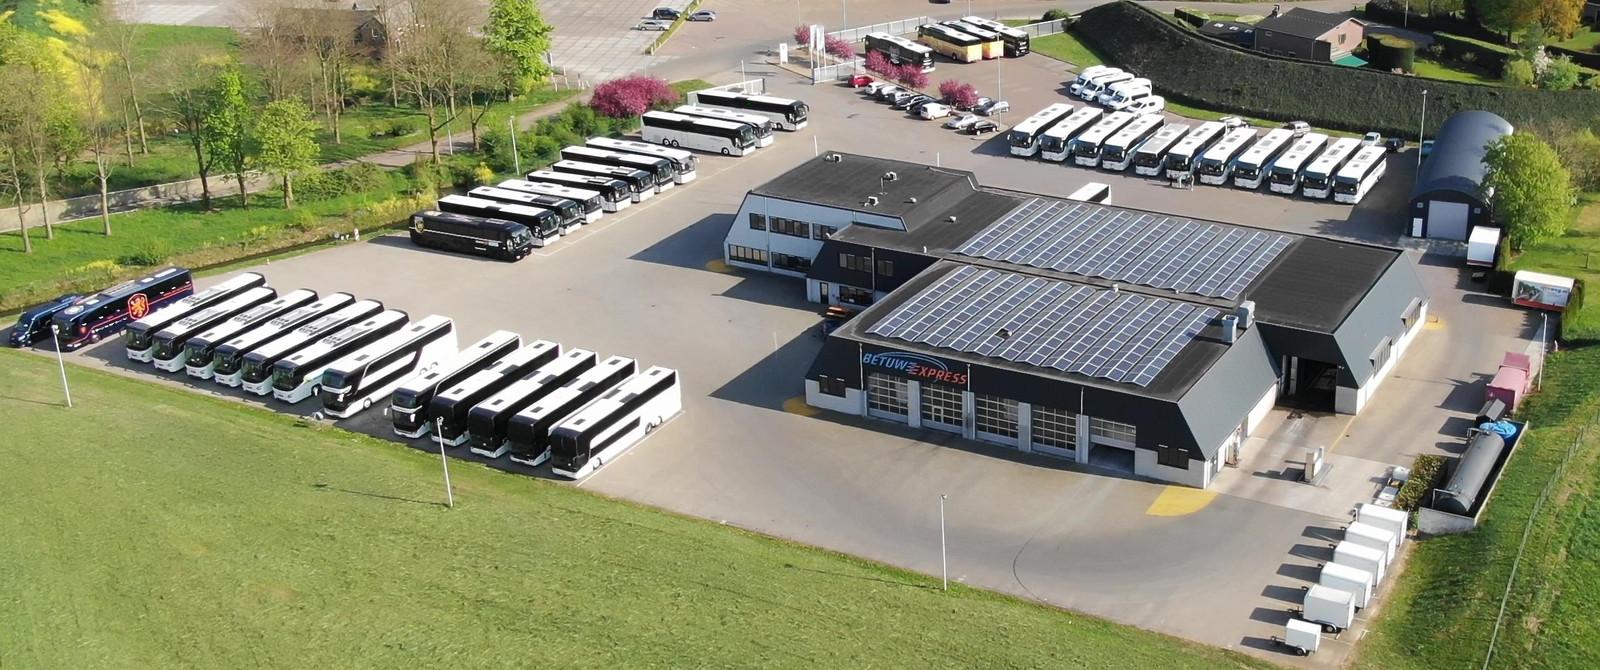 Touringcars staan op de parkeerplaats van Betuwe Express. Het bedrijf kent door de corona-crisis een omzetverlies van tachtig procent.